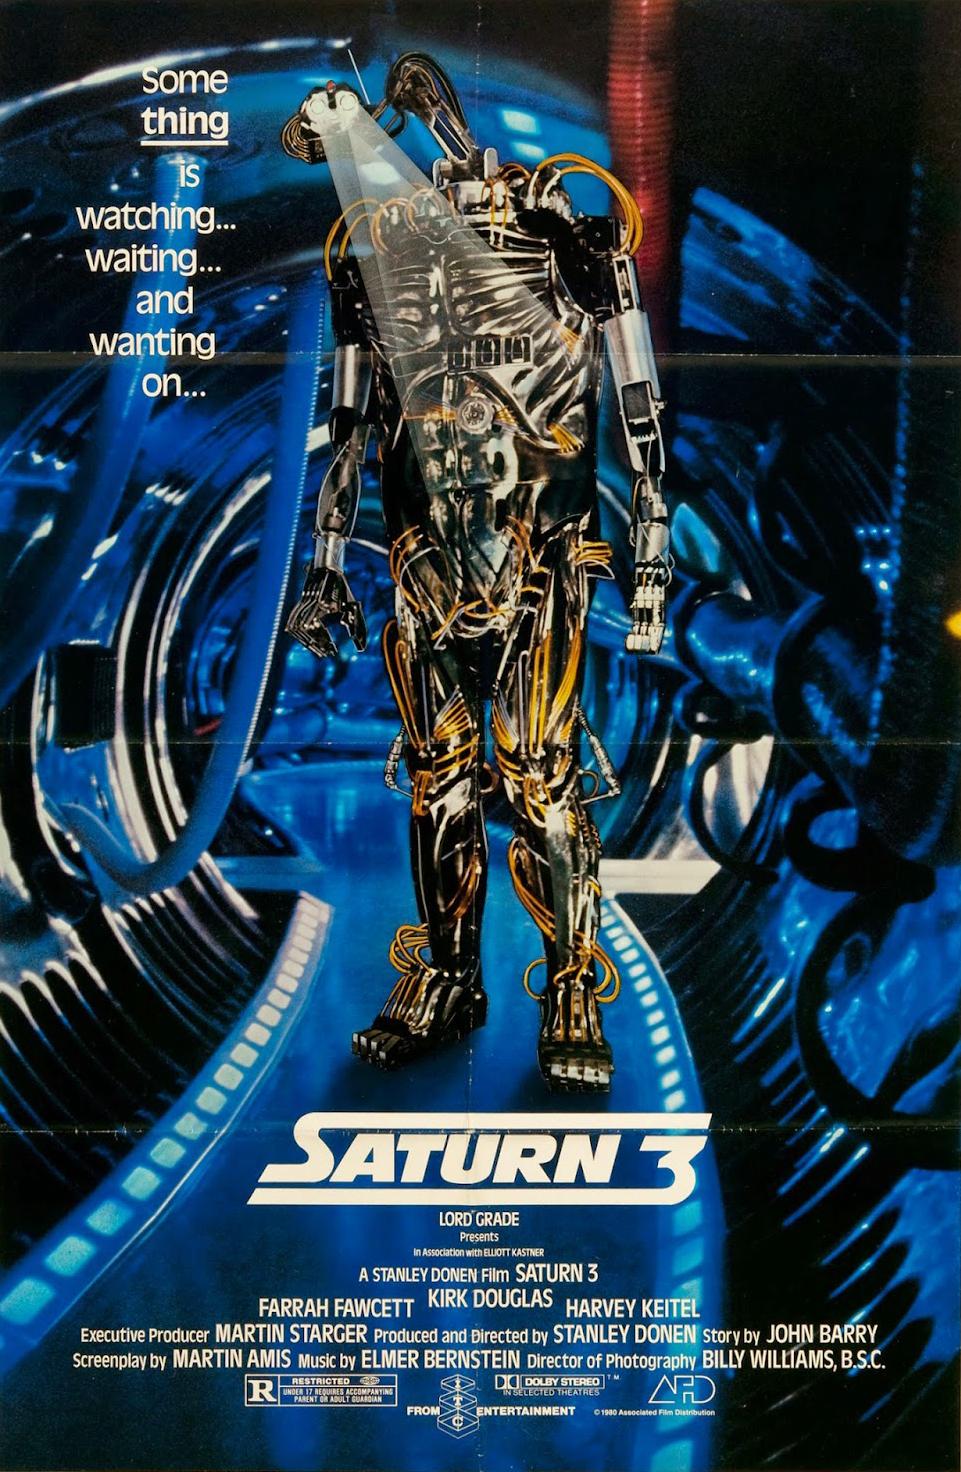 Saturn 3 (1980) - IMDb